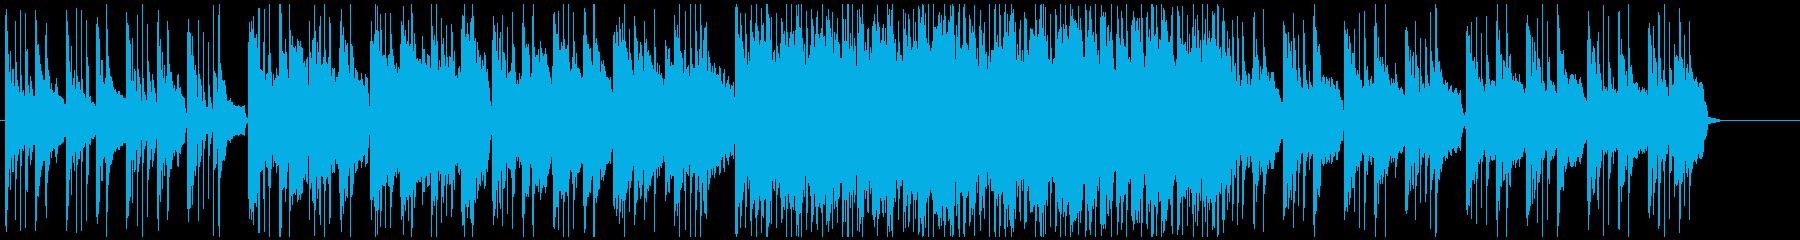 ケルト風の牧歌的なBGMの再生済みの波形